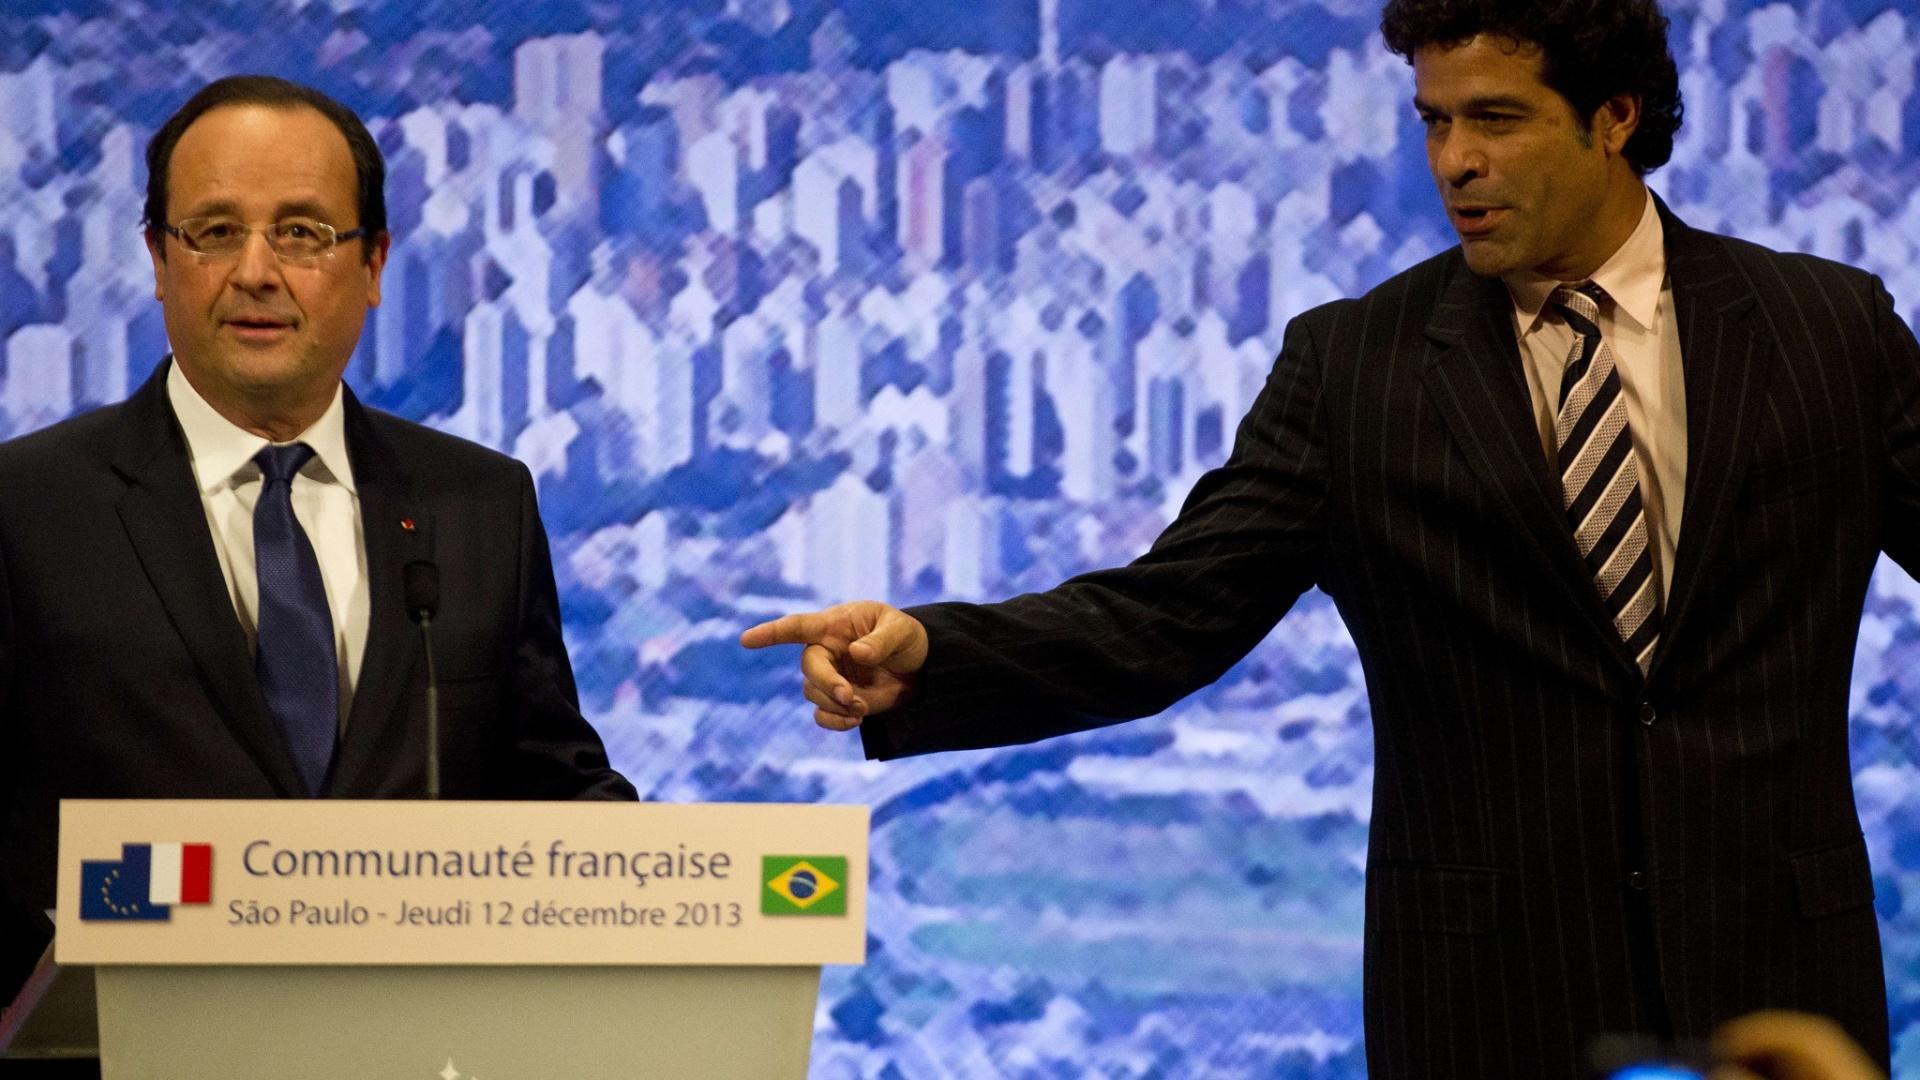 12.dez.2013 - Raí recebeu a condecoração Legião de Honra das mãos do presidente francês François Hollande